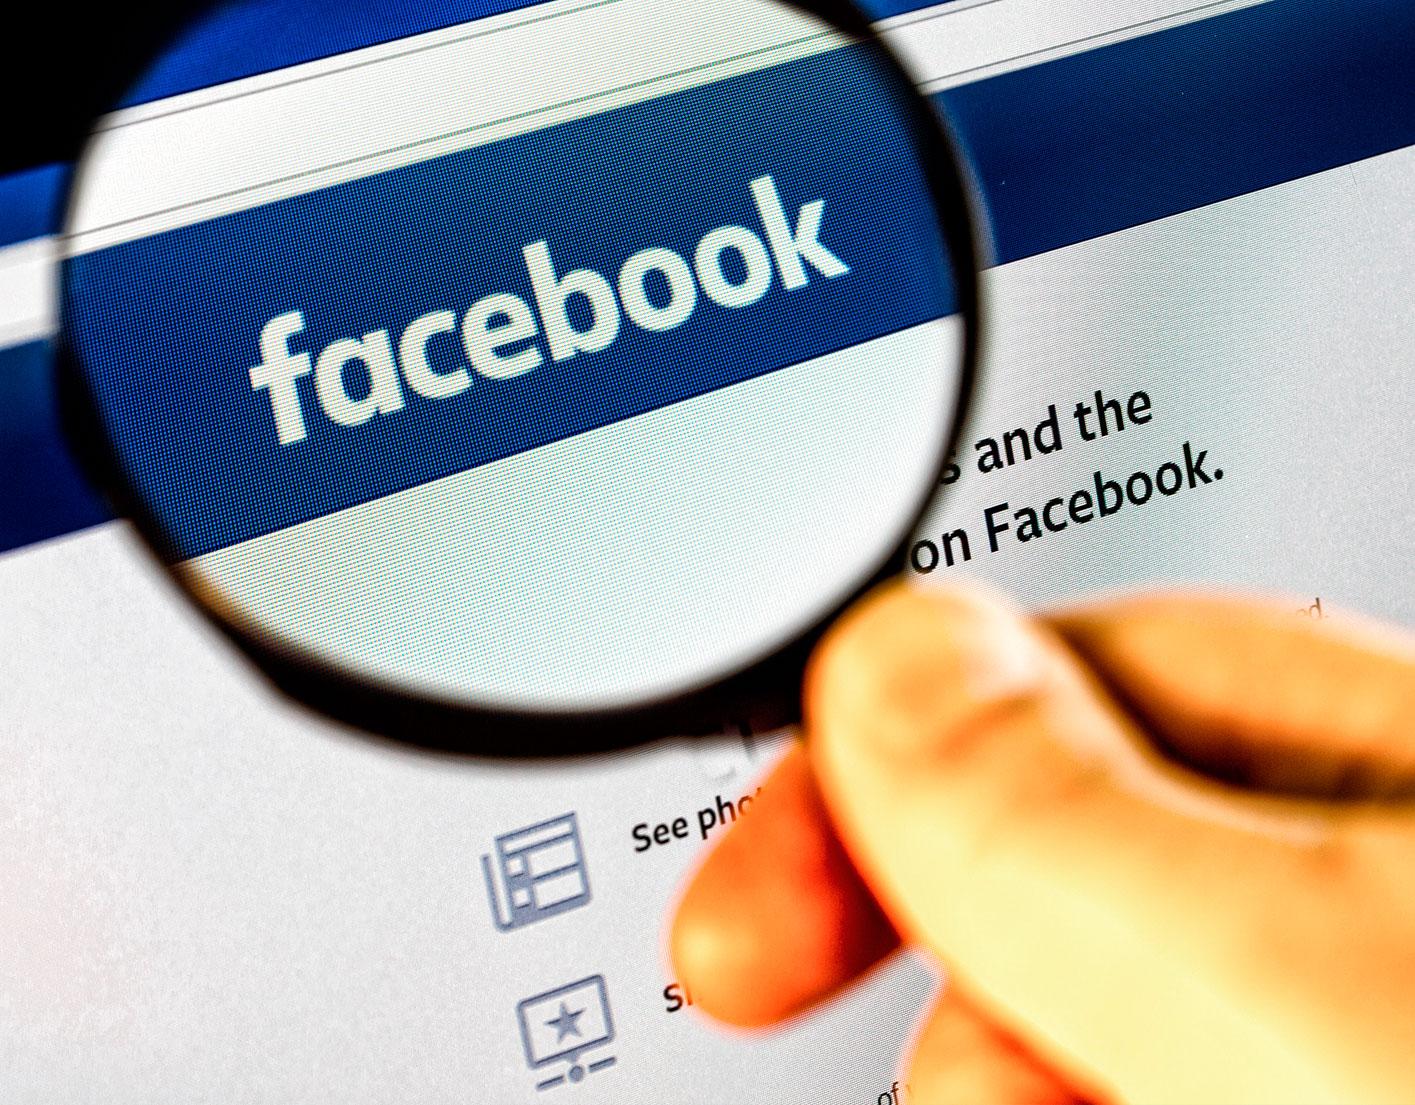 José Manuel Raya analiza en IB3 el despido de un trabajador por publicar fotos ofensivas en Facebook